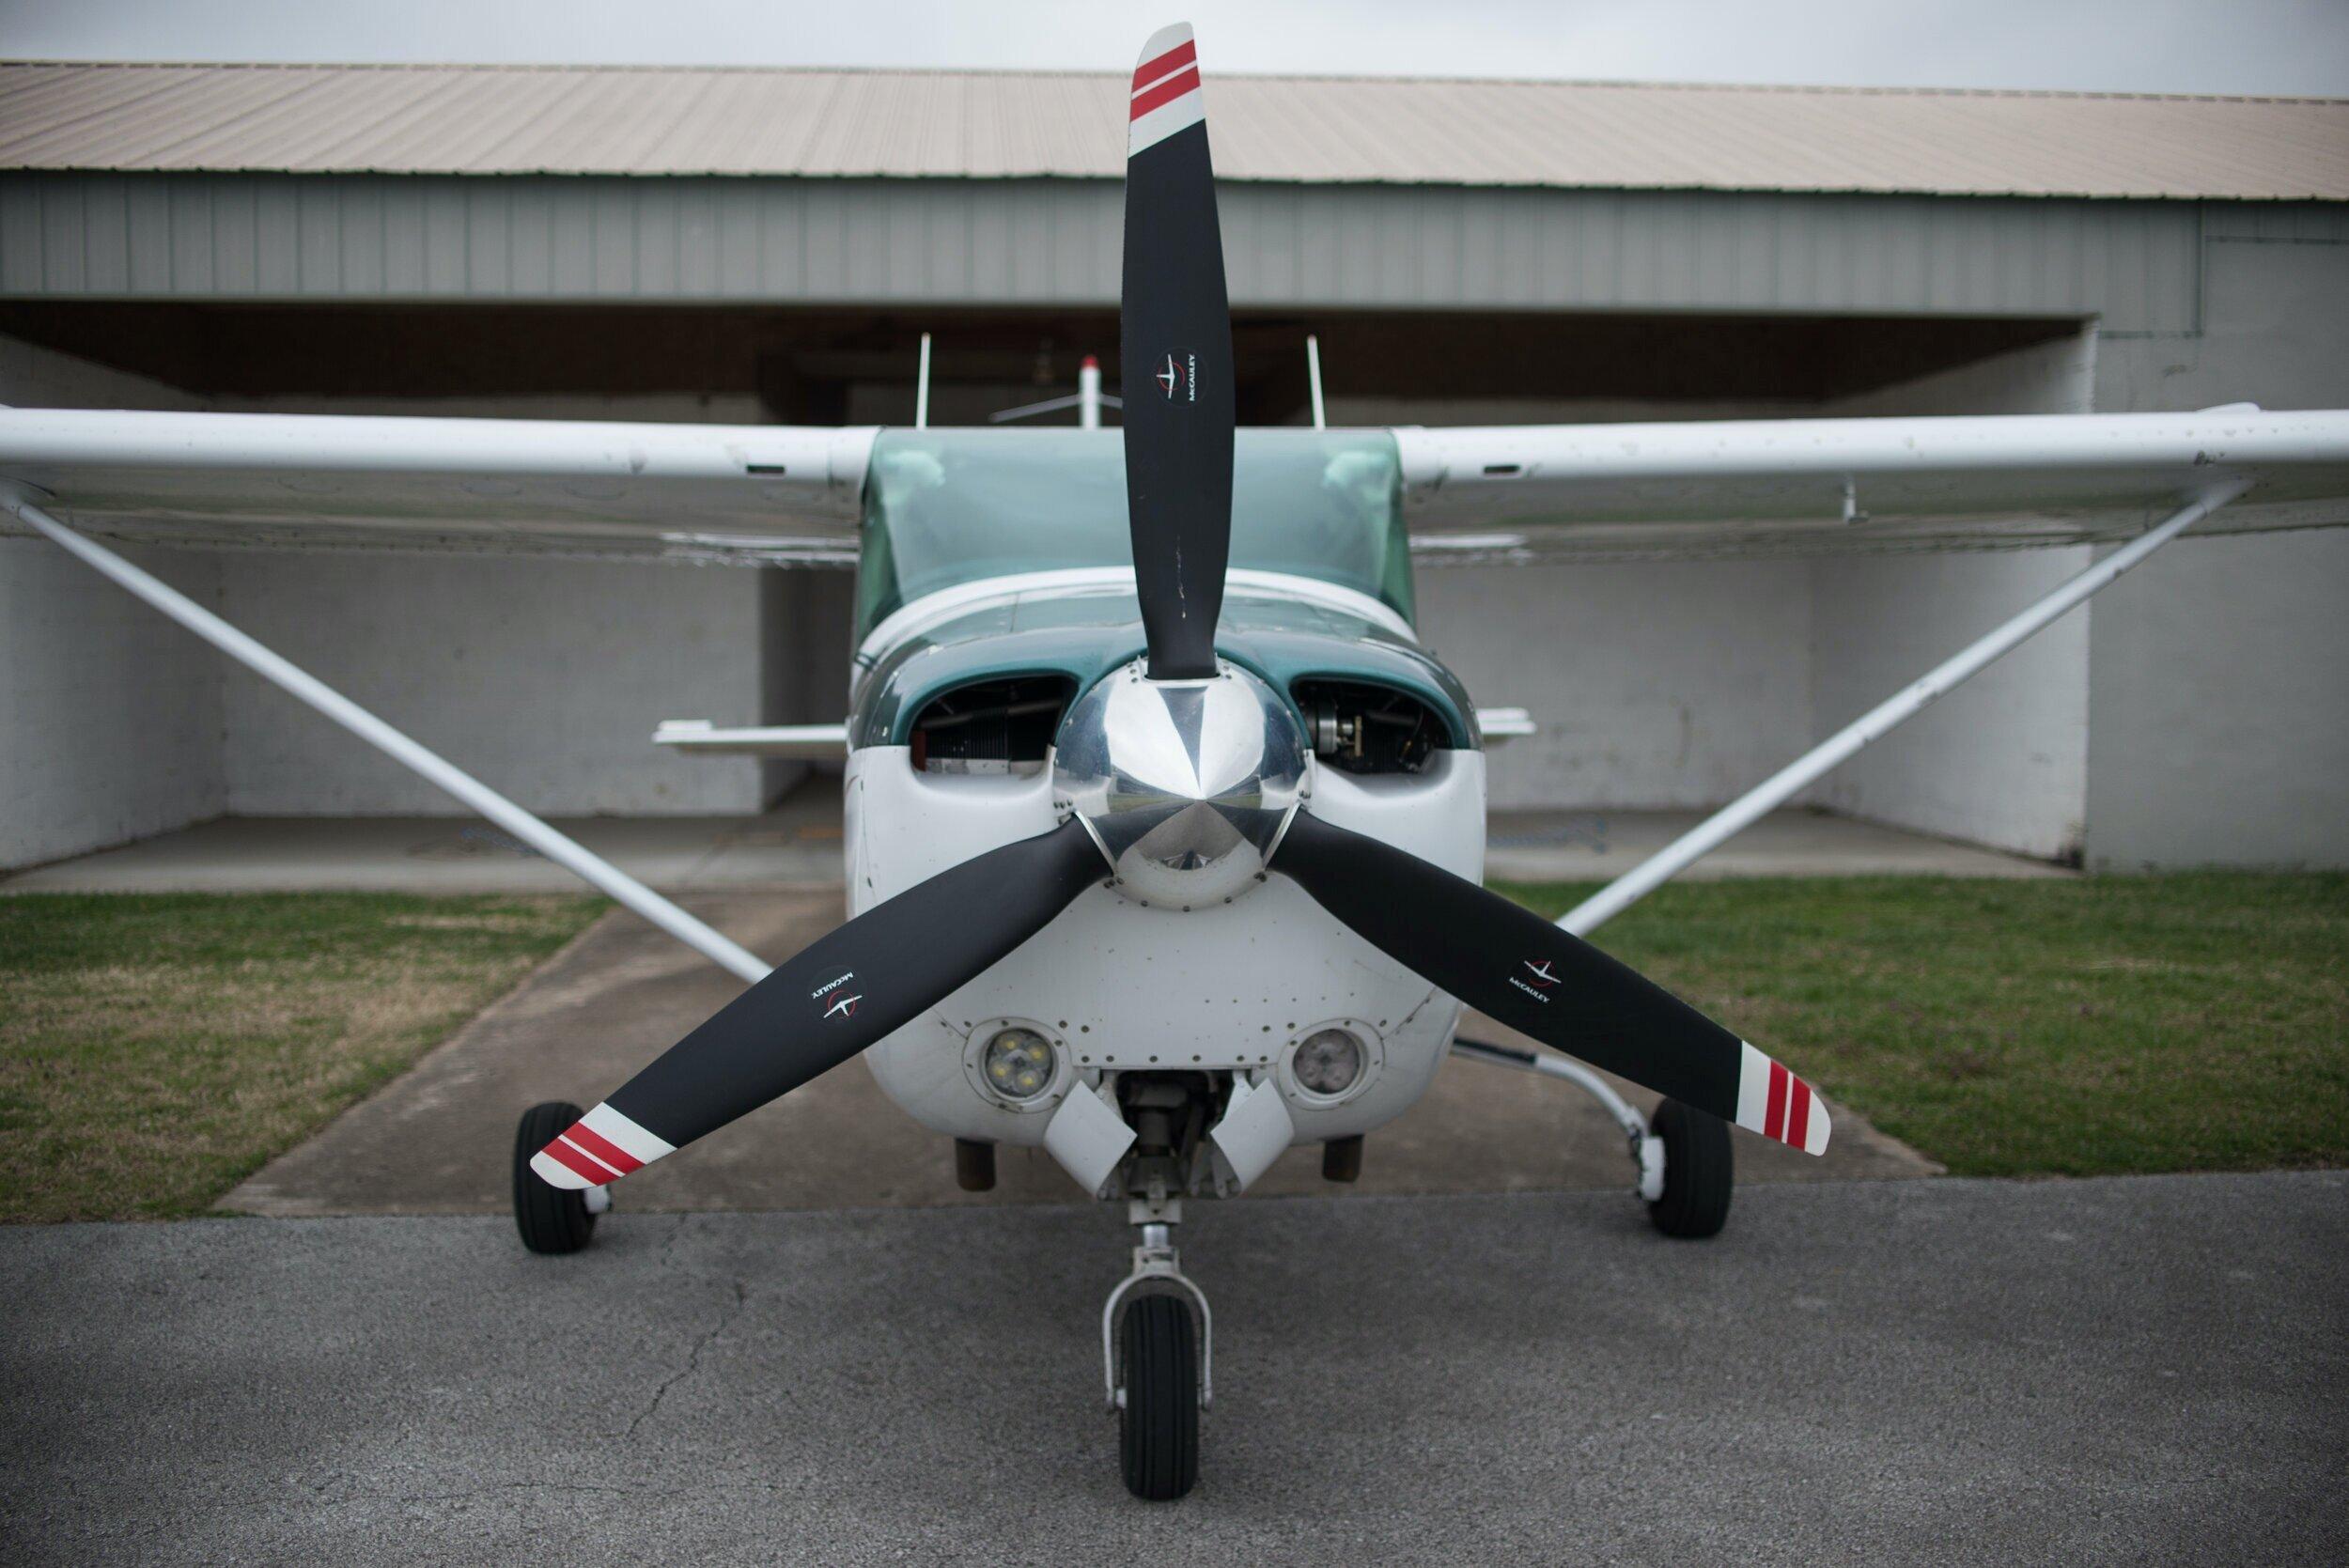 $500 - $500 per flight hour/ $500 per overnightSimple Transparent Pricing